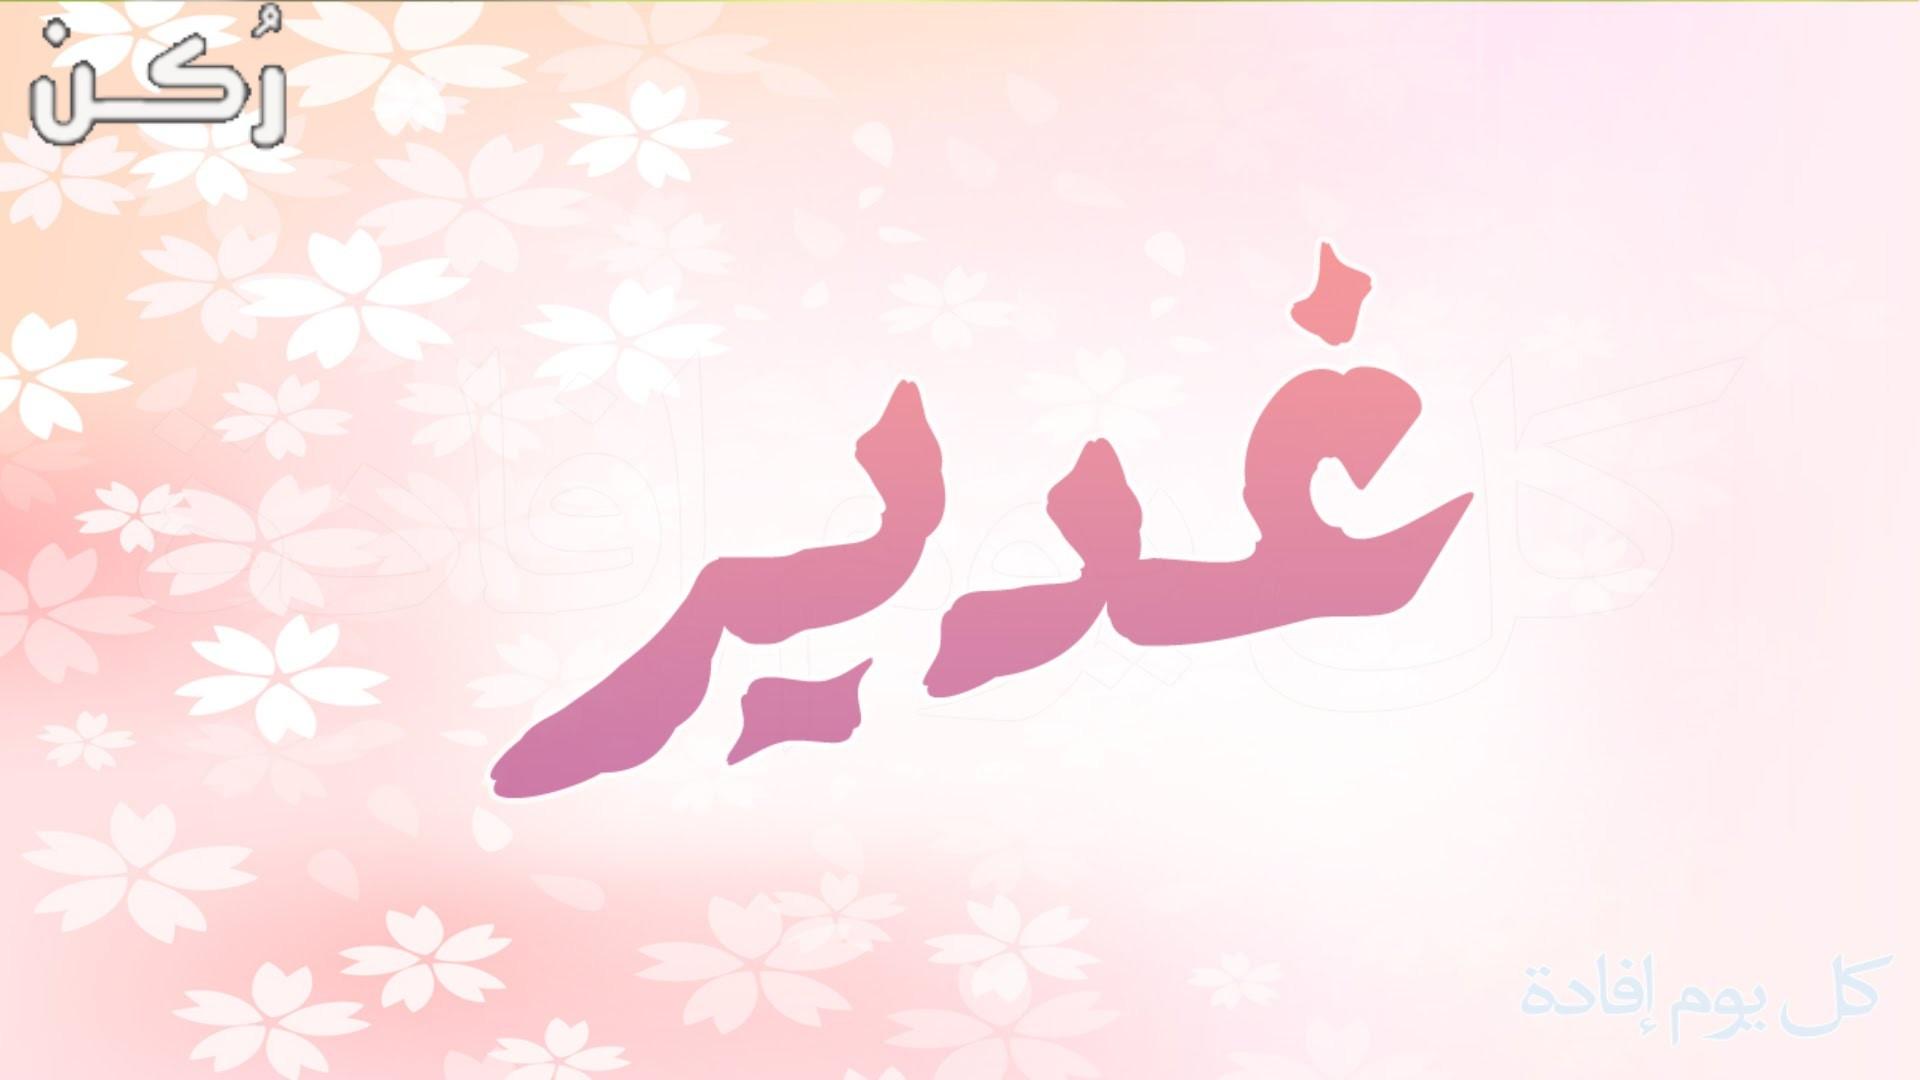 معنى اسم غدير وحكمه في الإسلام موقع ر كن